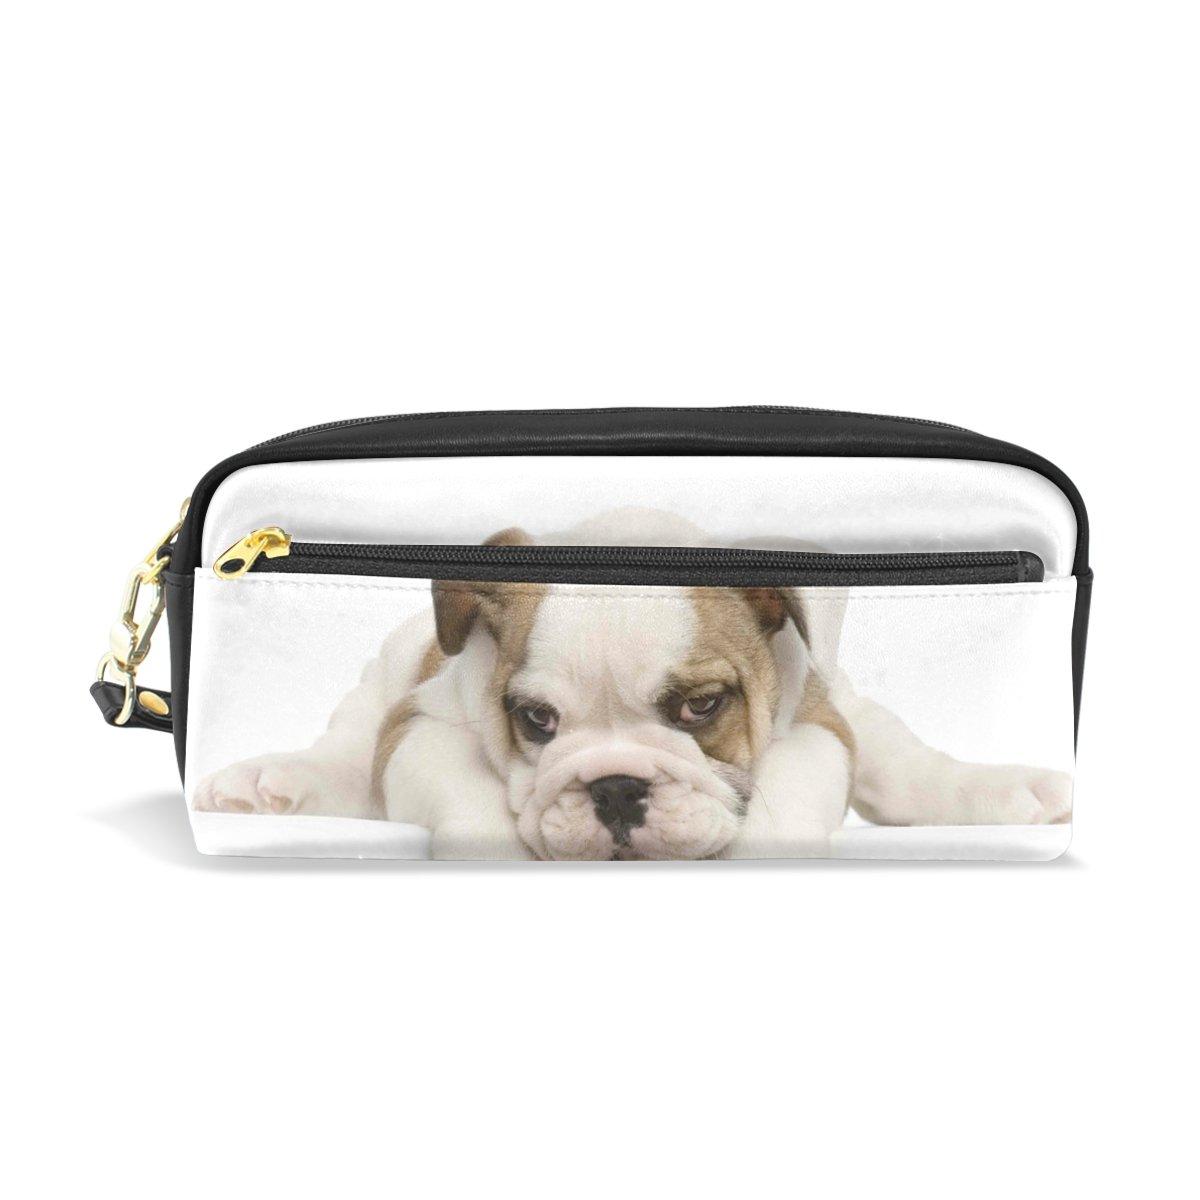 BENNIGIRY Bulldogge Gesicht Mops Bleistift Fall tragbar Pen Tasche Student Schreibwaren Pouch PU Leder Groß Kapazität Reißverschluss Make-up Kosmetiktasche B077TMSLX4     | Diversified In Packaging